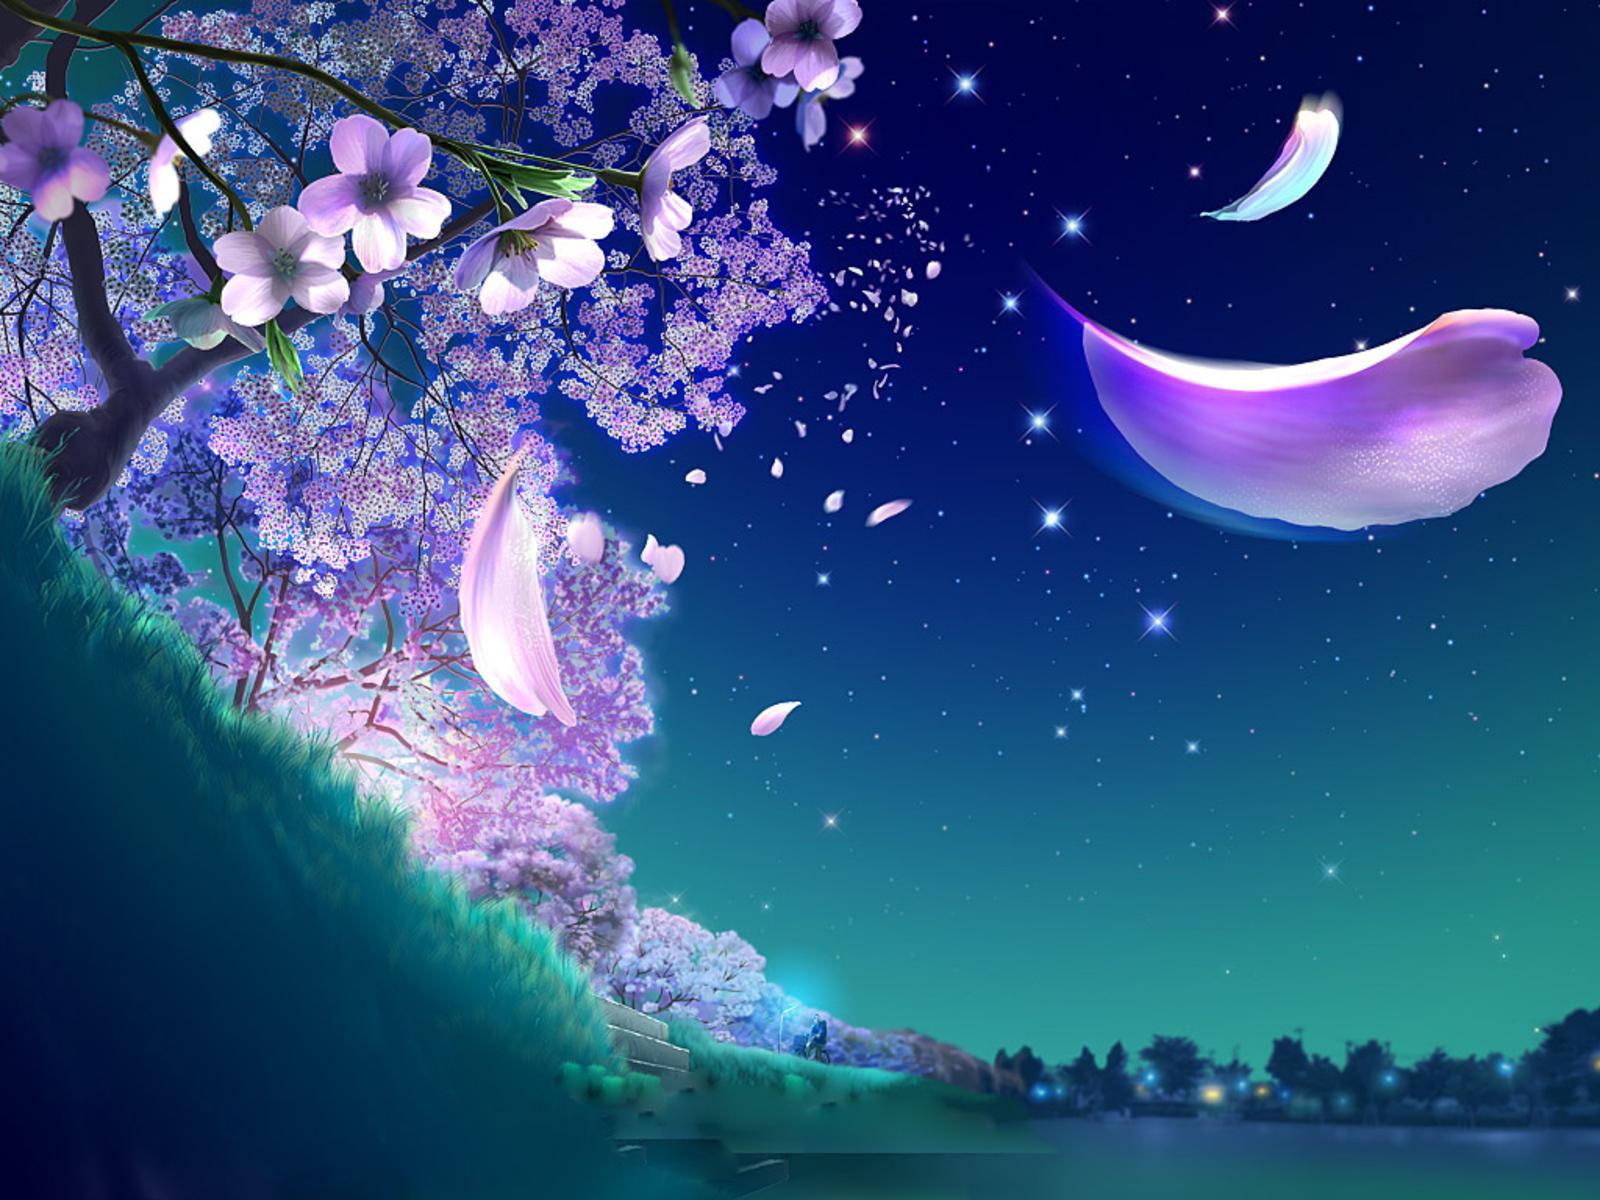 Anime Landscape: Sky (Anime Background